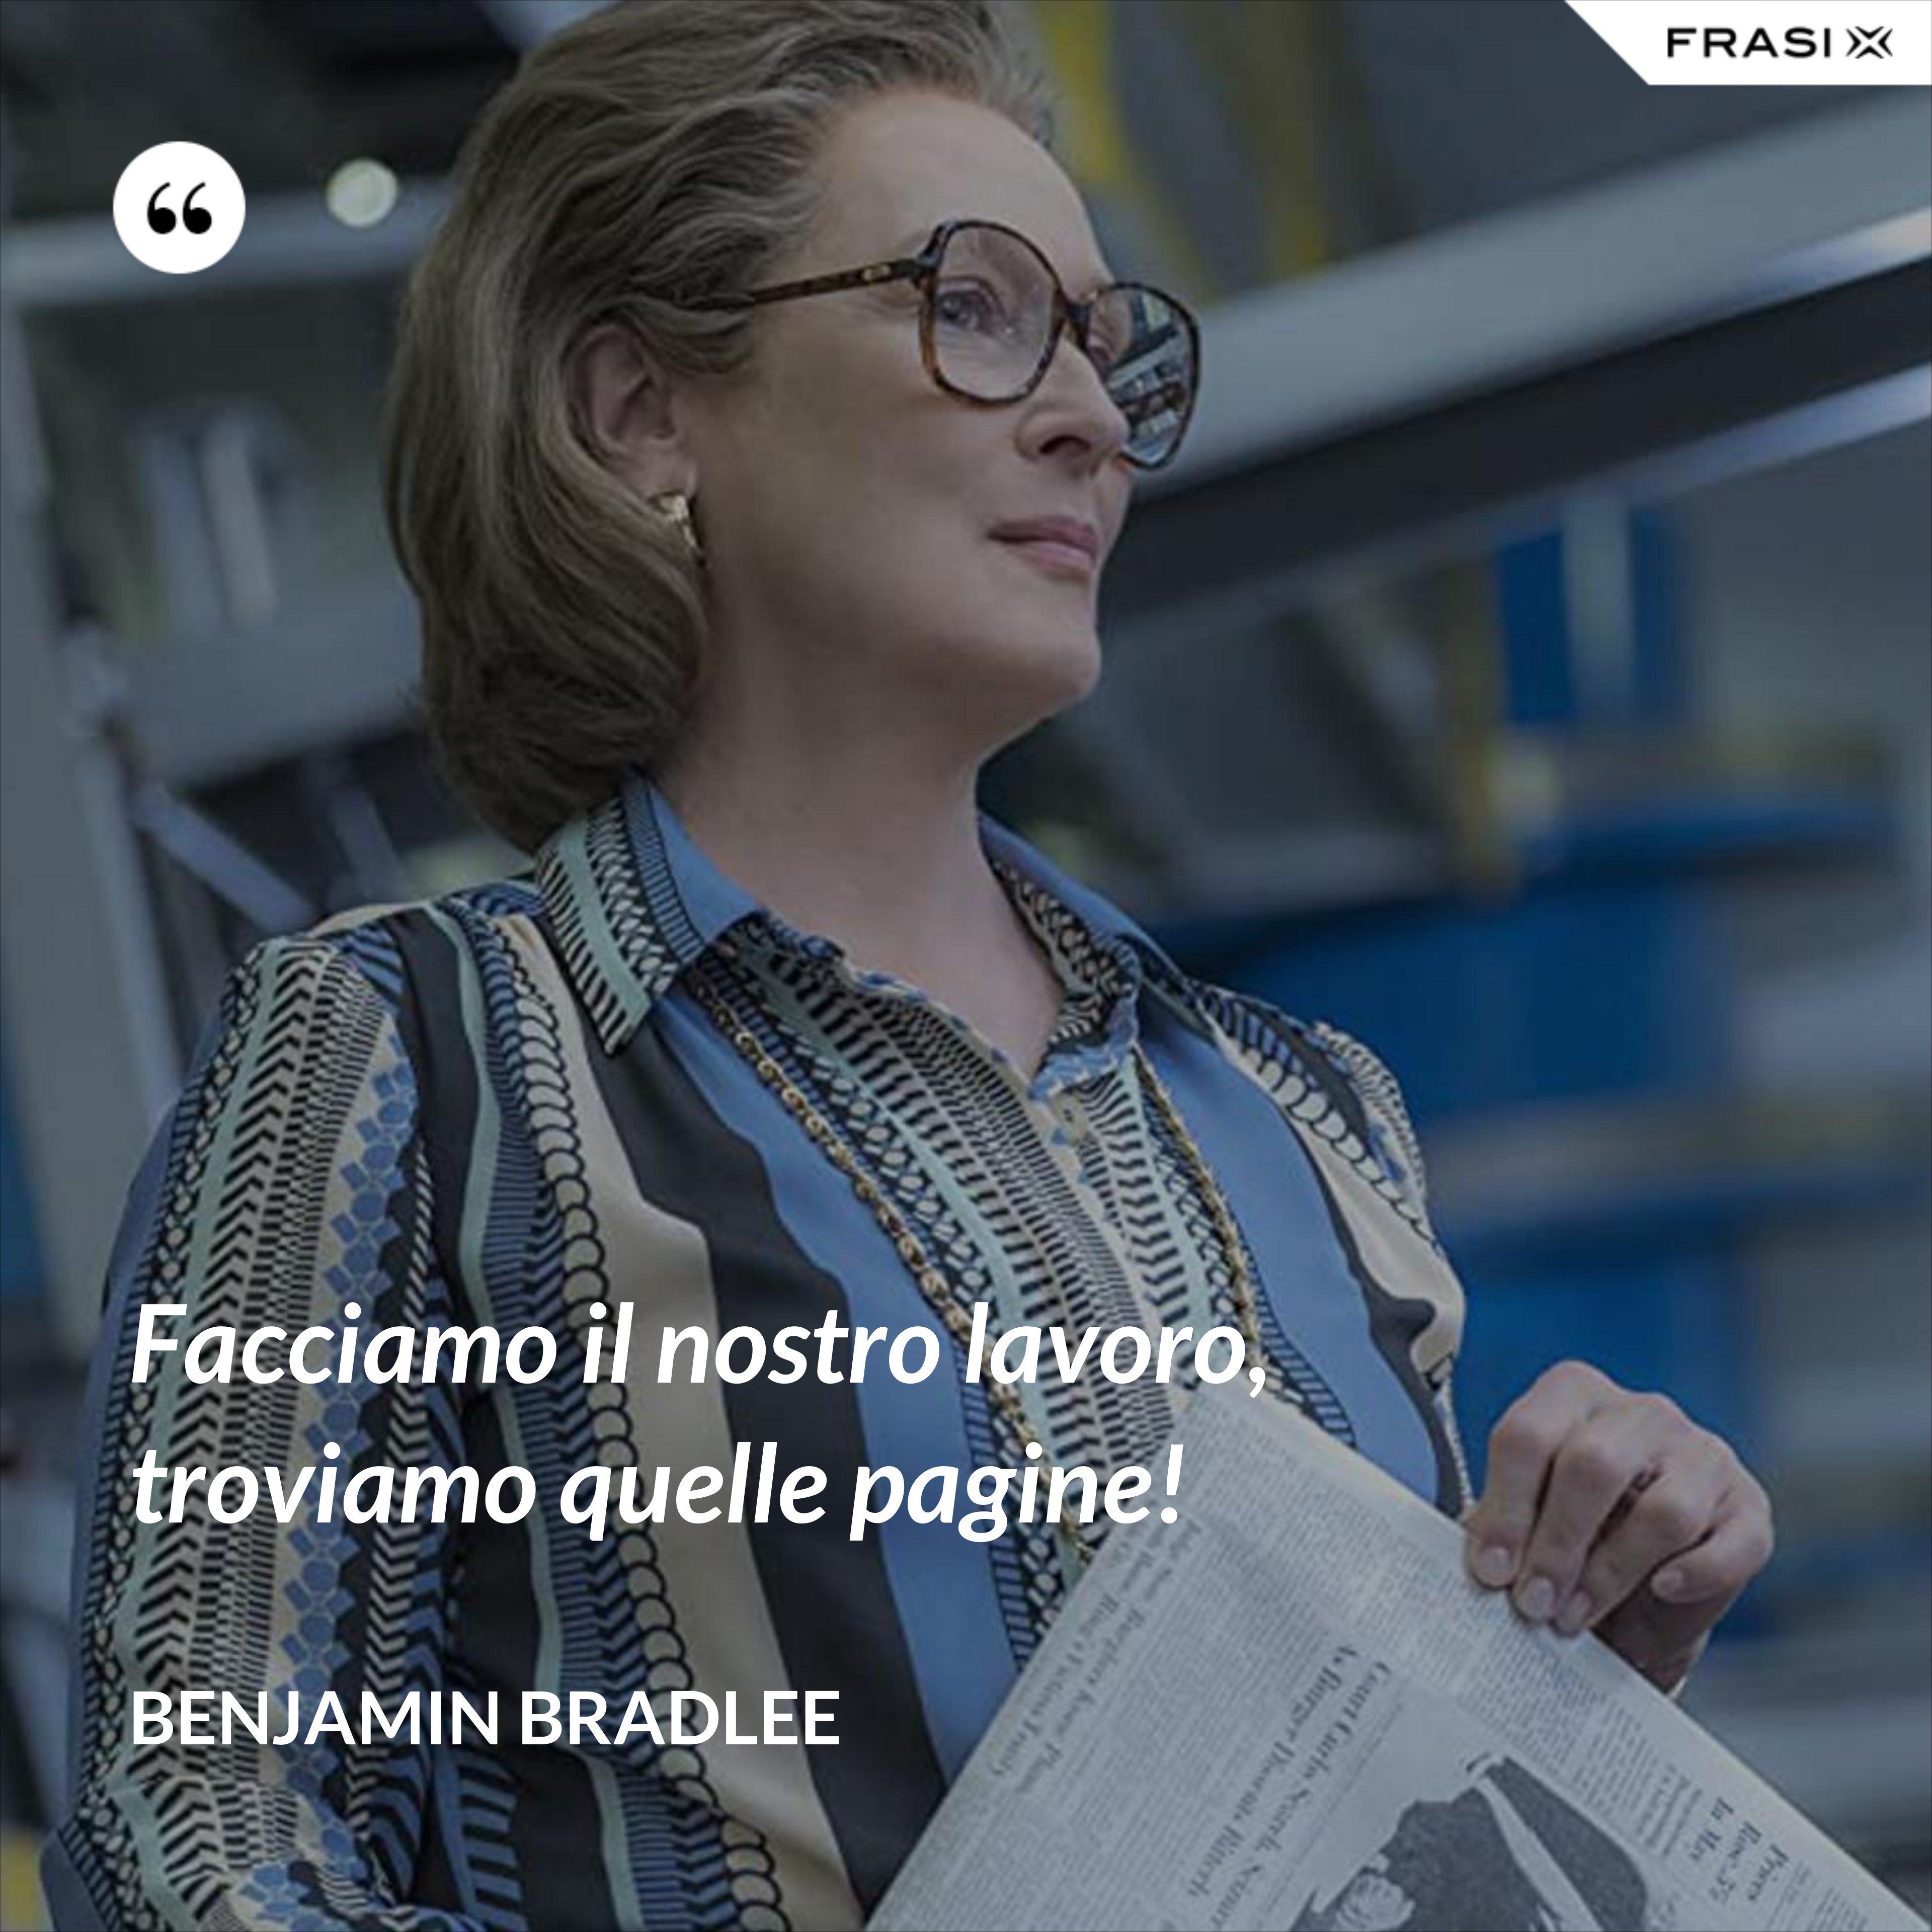 Facciamo il nostro lavoro, troviamo quelle pagine! - Benjamin Bradlee